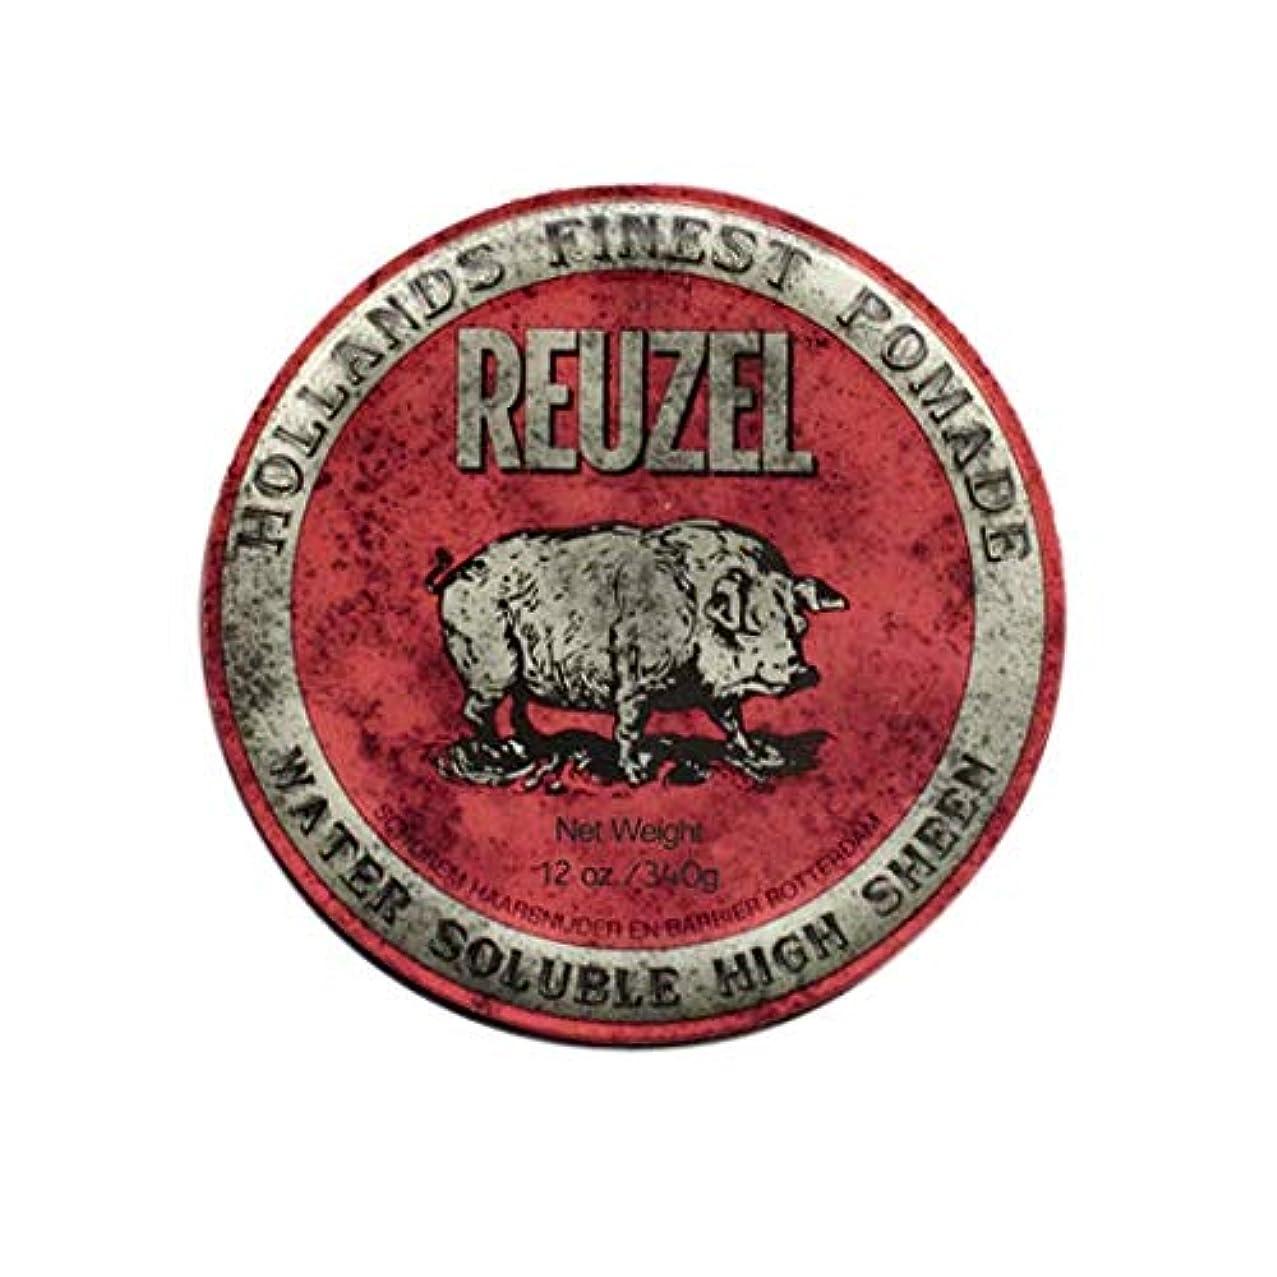 カロリーどうやってミルクルーゾー(REUZEL) ミディアムホールド レッド HIGH SHINE 340g